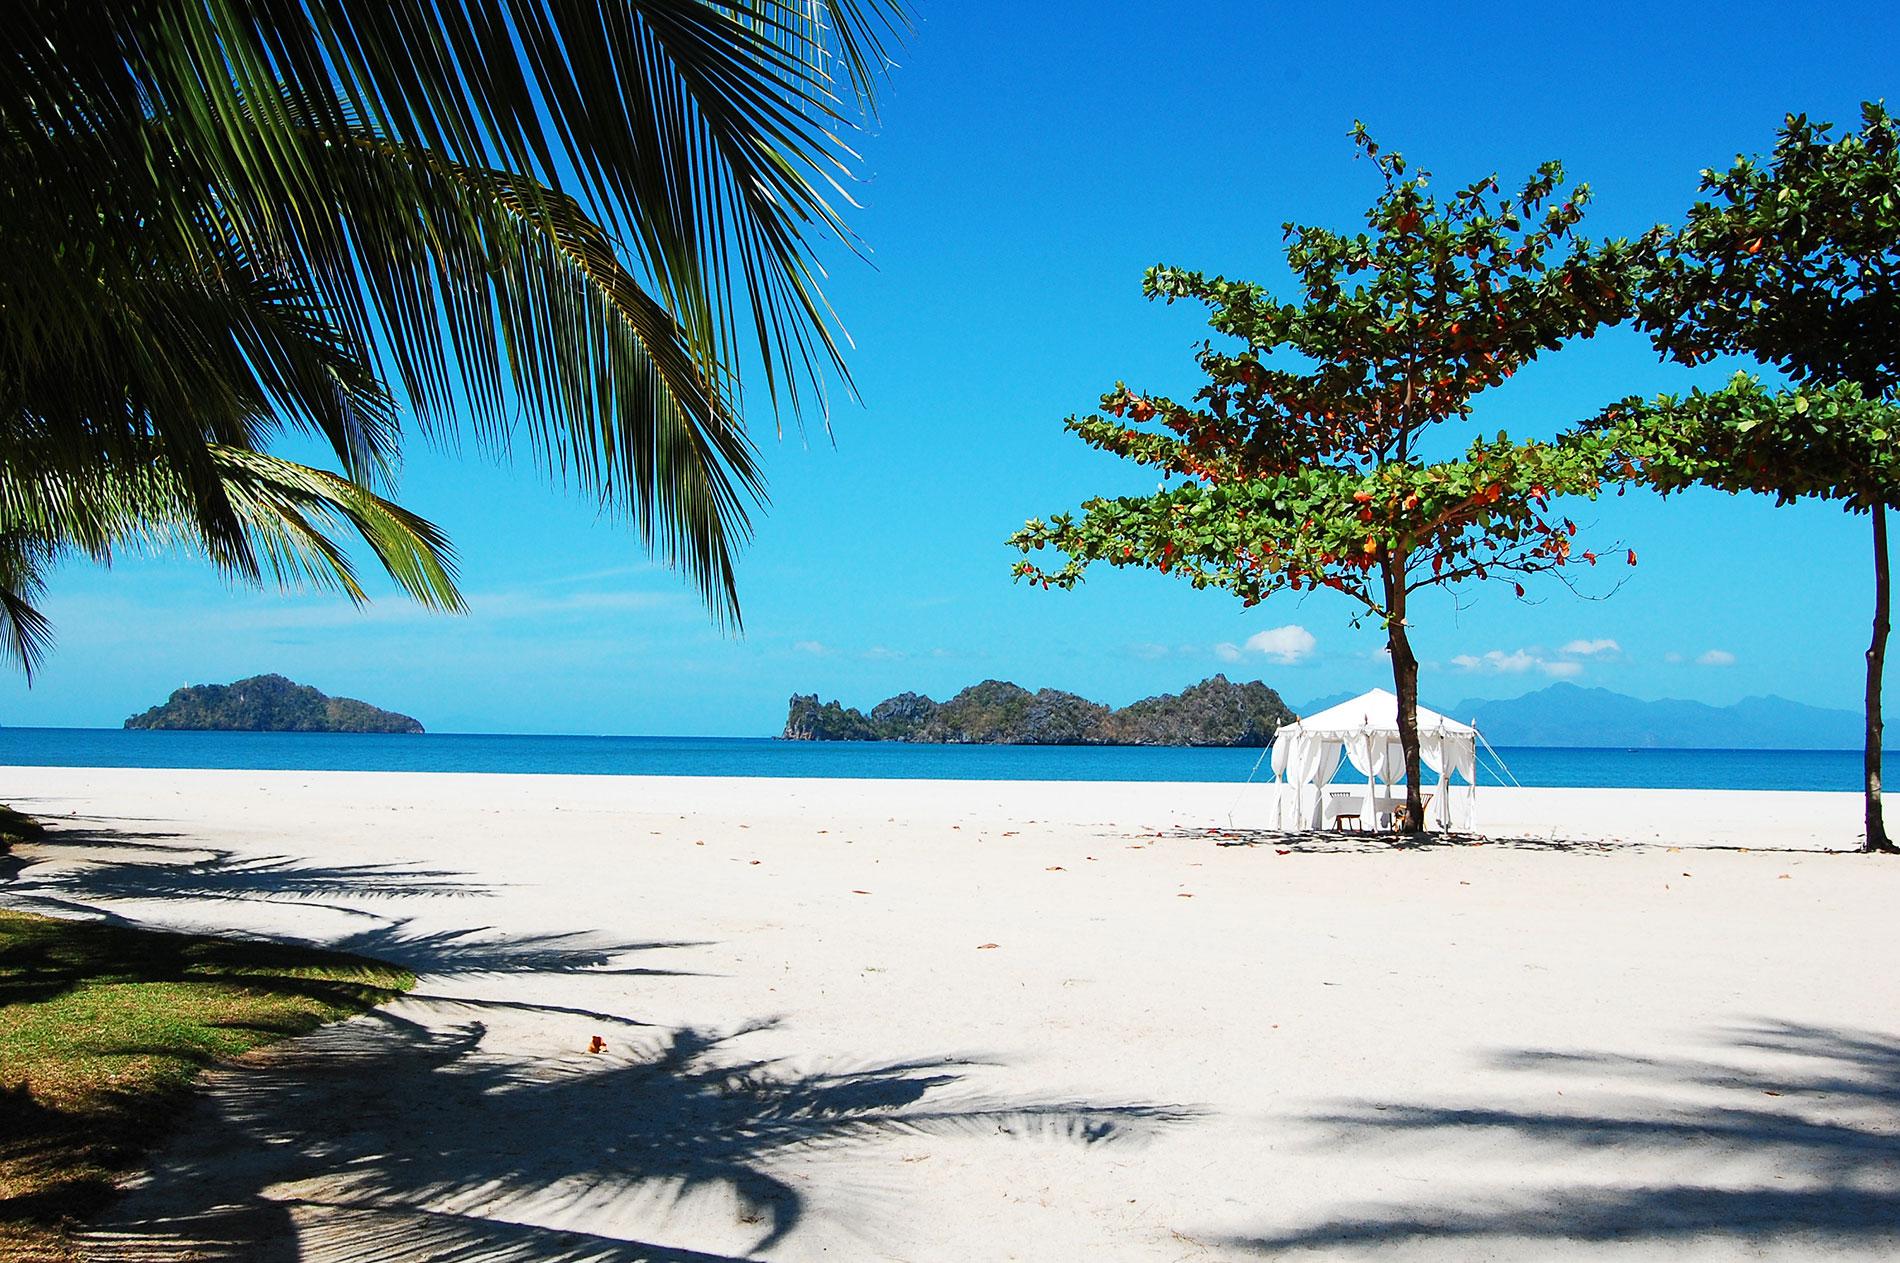 буде казаться малайзия пляжный отдых фото мен